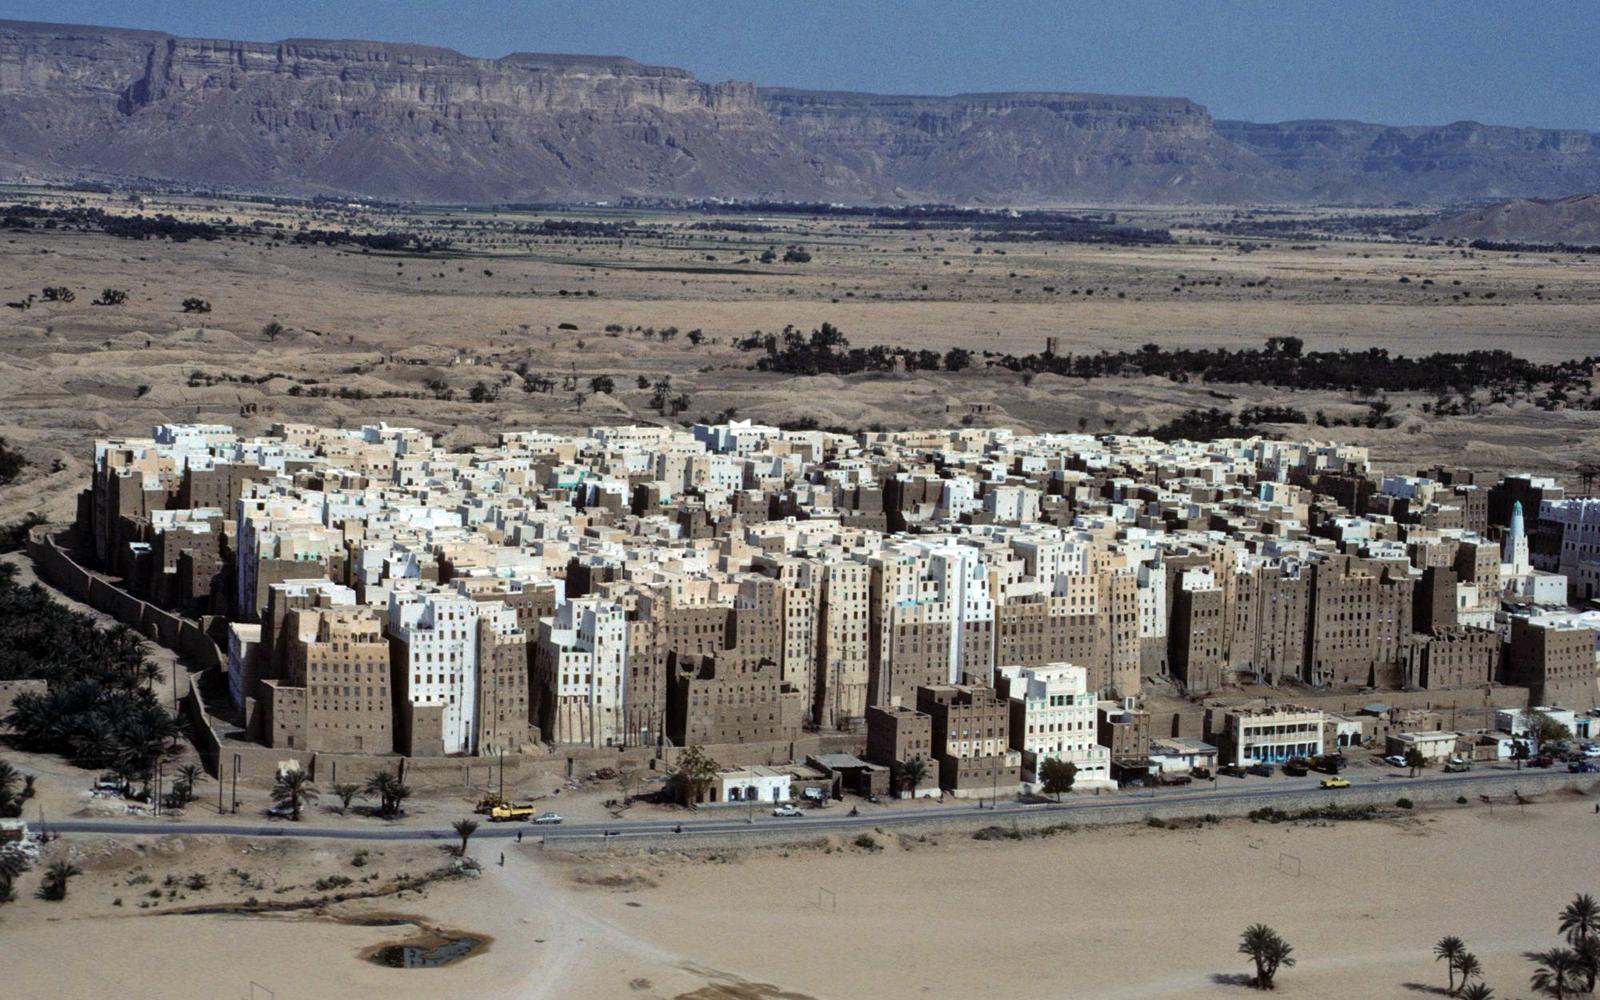 イエメンの世界遺産「シバームの旧城壁都市」